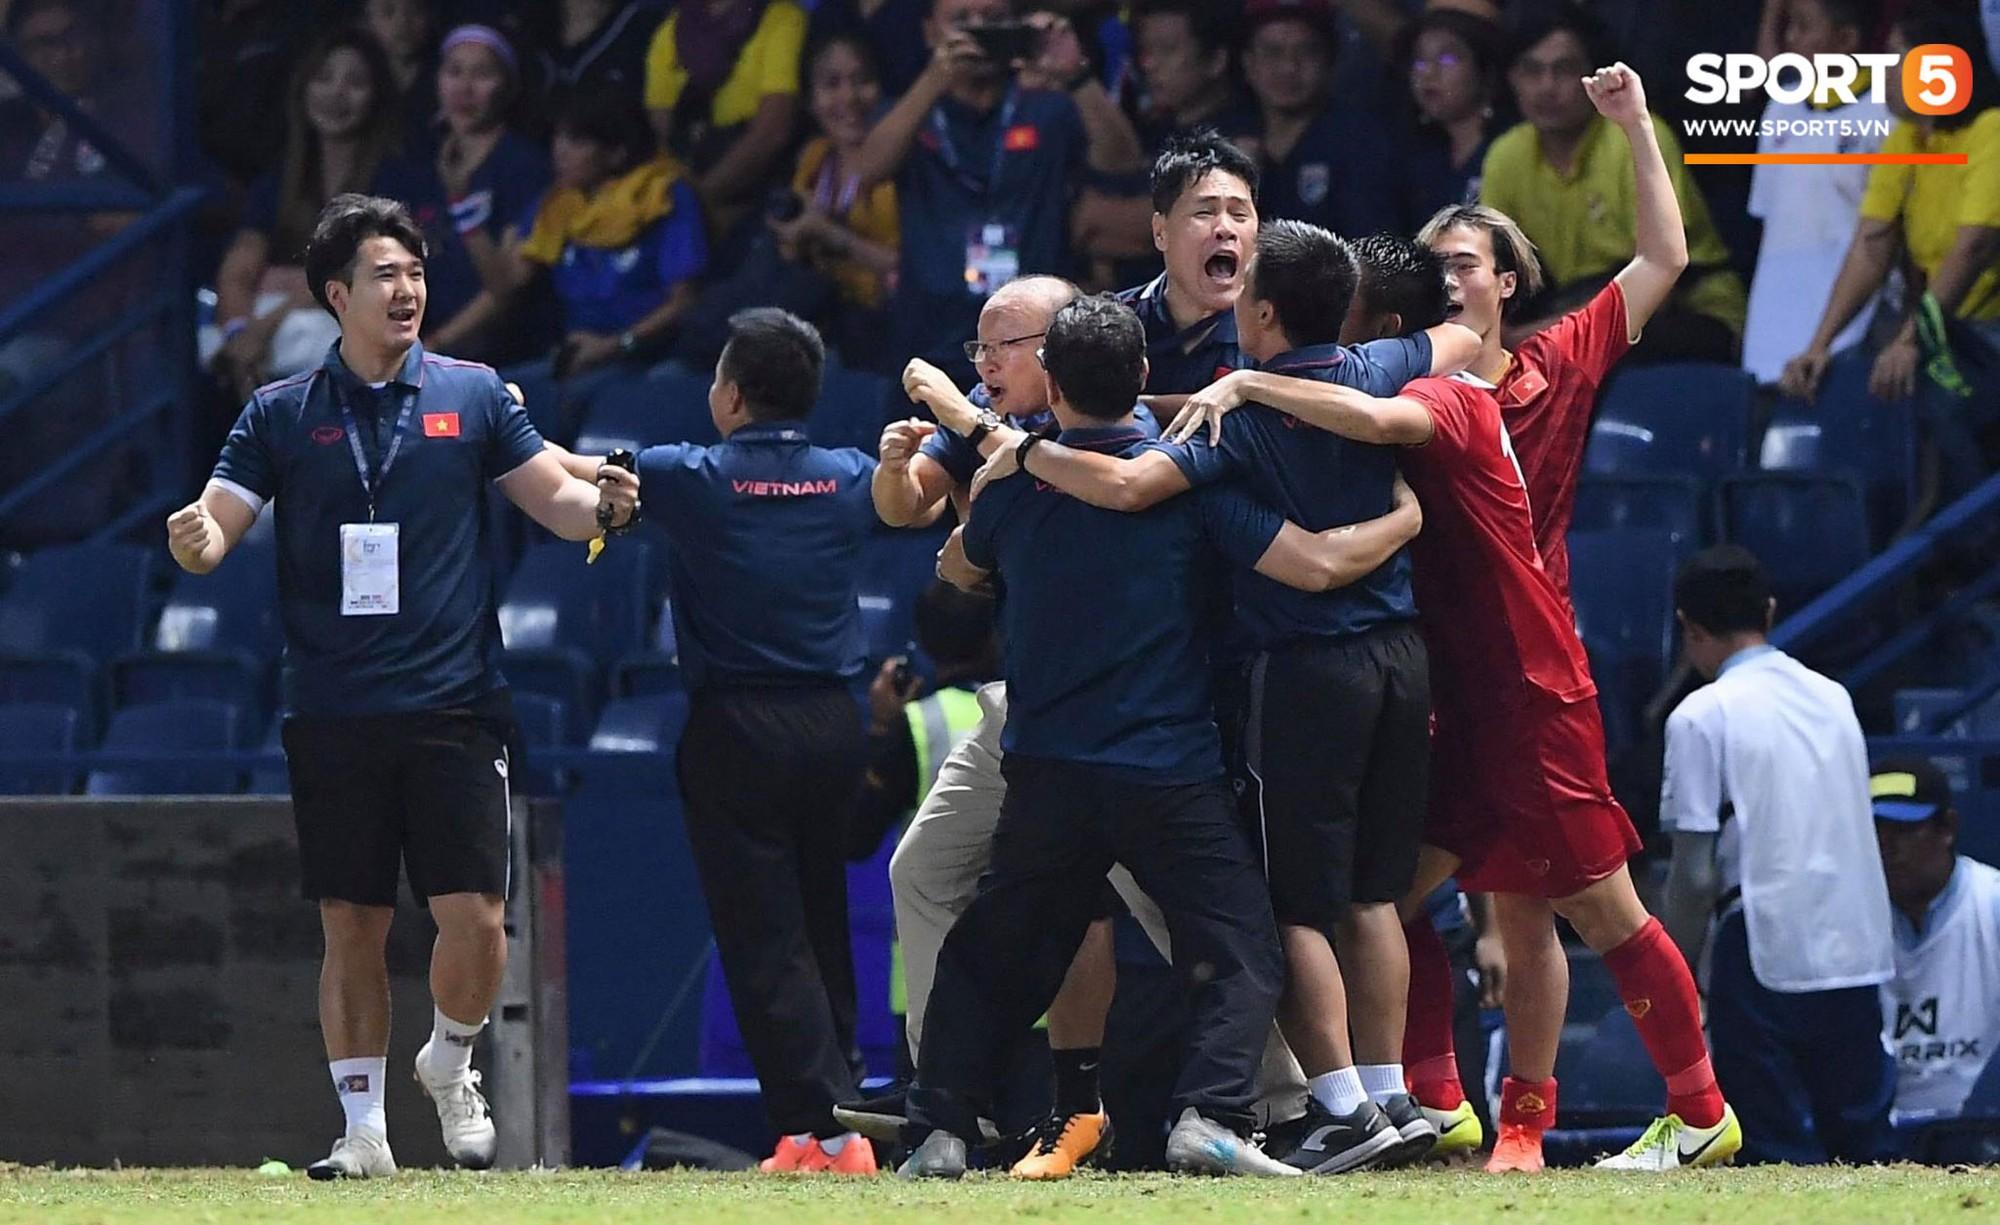 HLV Park Hang-seo ôm đầu tiếc nuối rồi vỡ òa sung sướng sau bàn thắng vàng của Anh Đức - Ảnh 2.